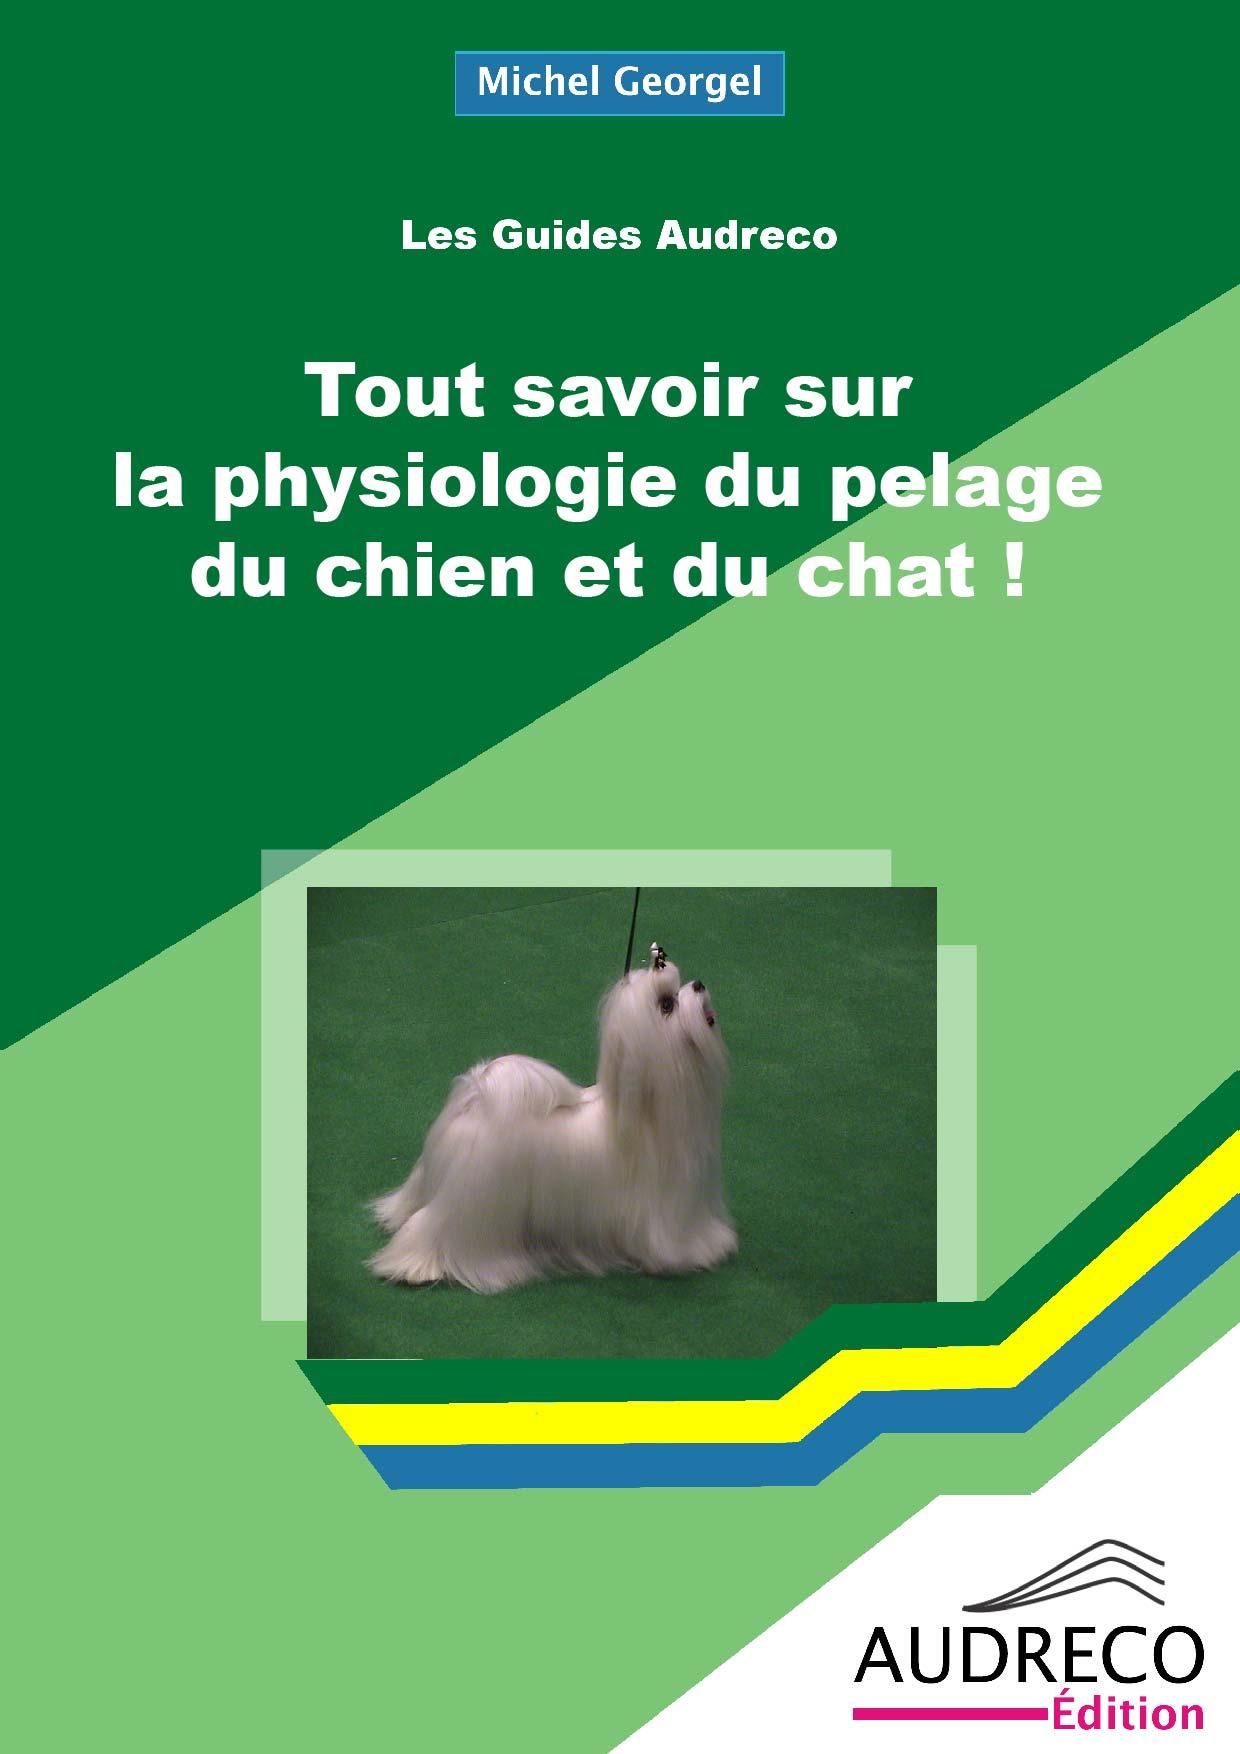 Tout savoir sur la physiologie du pelage du chien et du chat !